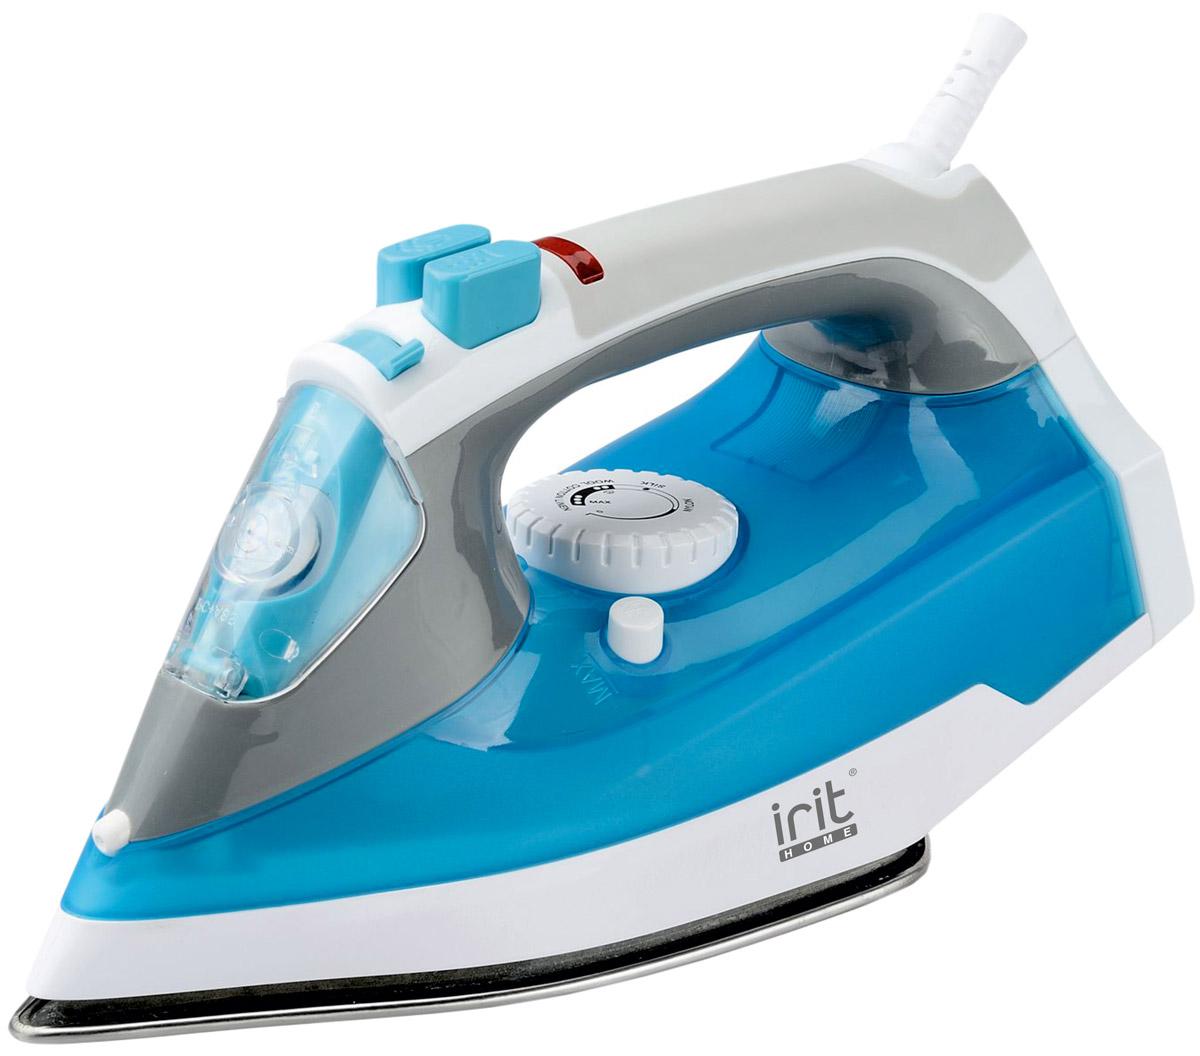 Irit IR-2228 утюгIR-2228Irit IR-2228 Утюг электрический Функция сухого глажения, функция спрея и пара, функция самоочистки, мягкая ручка, функция «усиленный выброс пара», вертикальное отпаривание,керамическое покрытие подошвы, Мощность: 2200 Вт